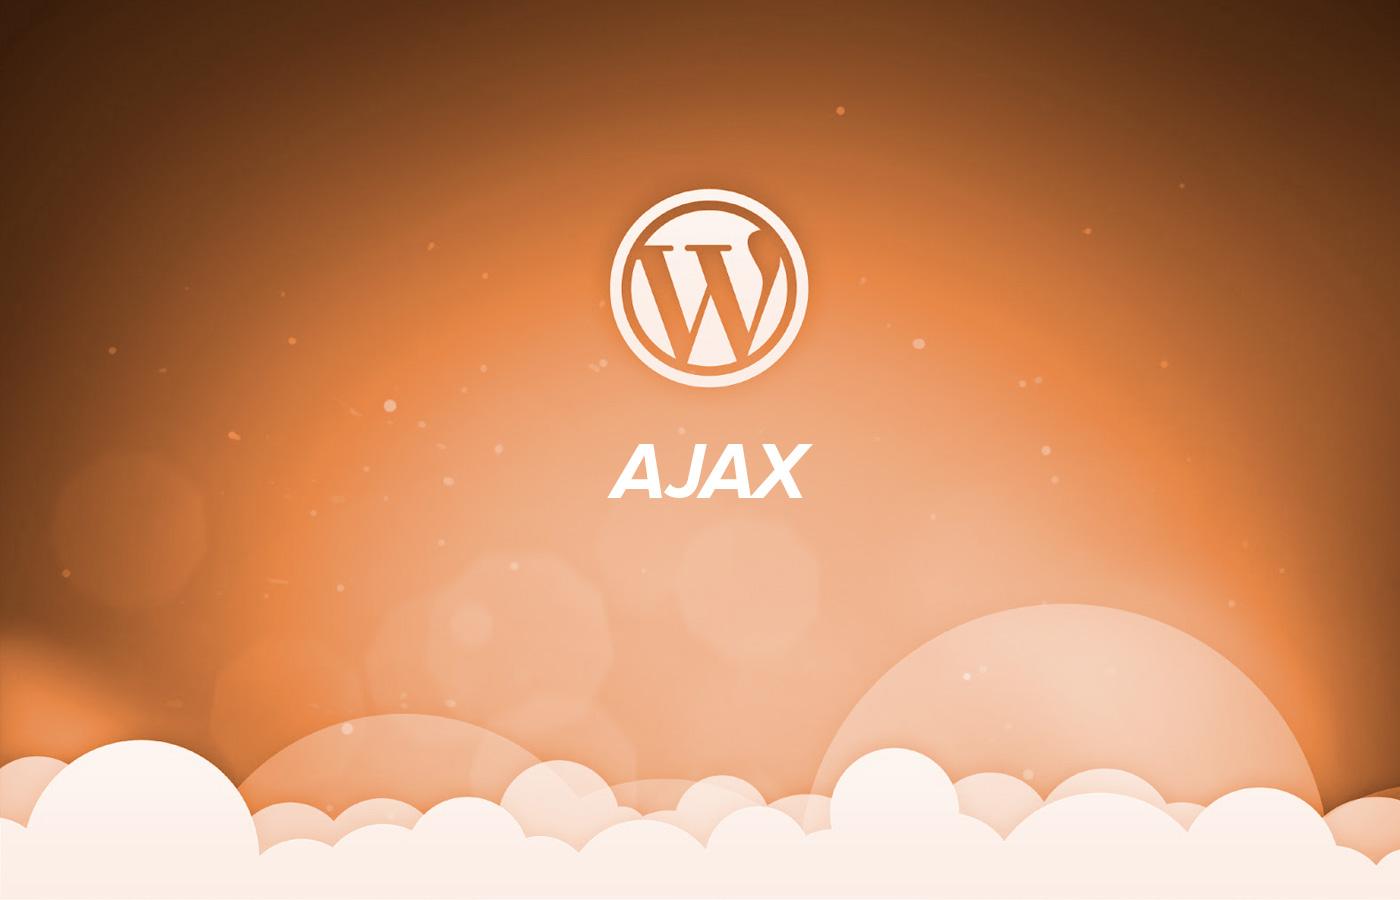 WordPress AJAX Implementation Checklist